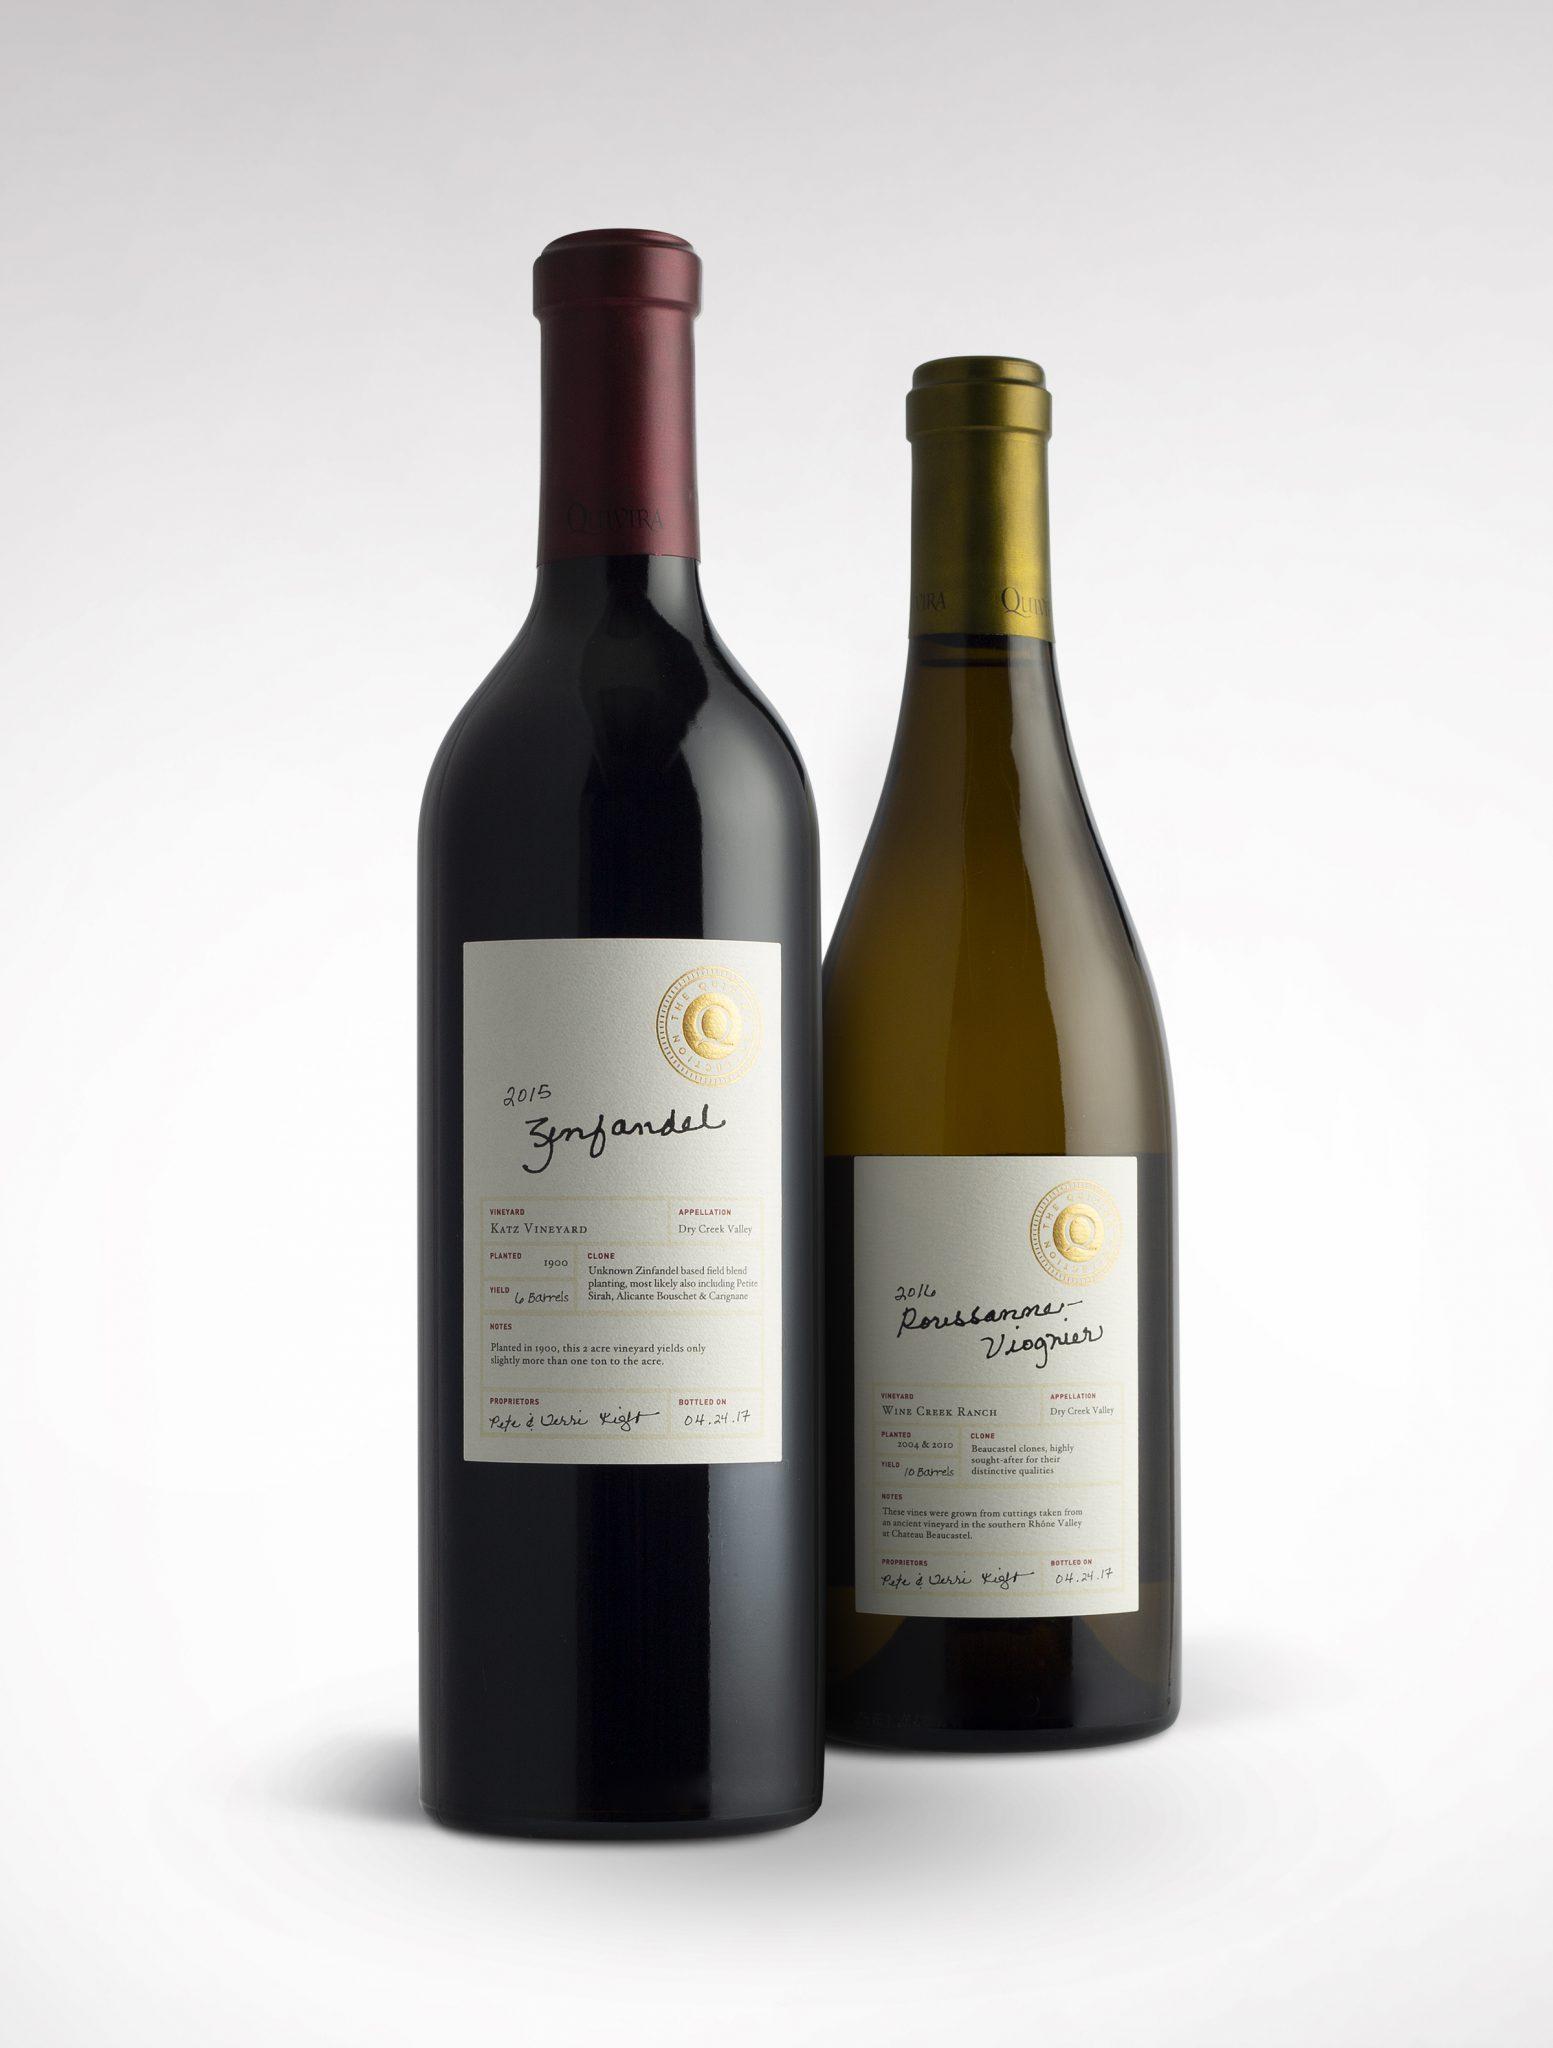 Quivira Collection wine label design